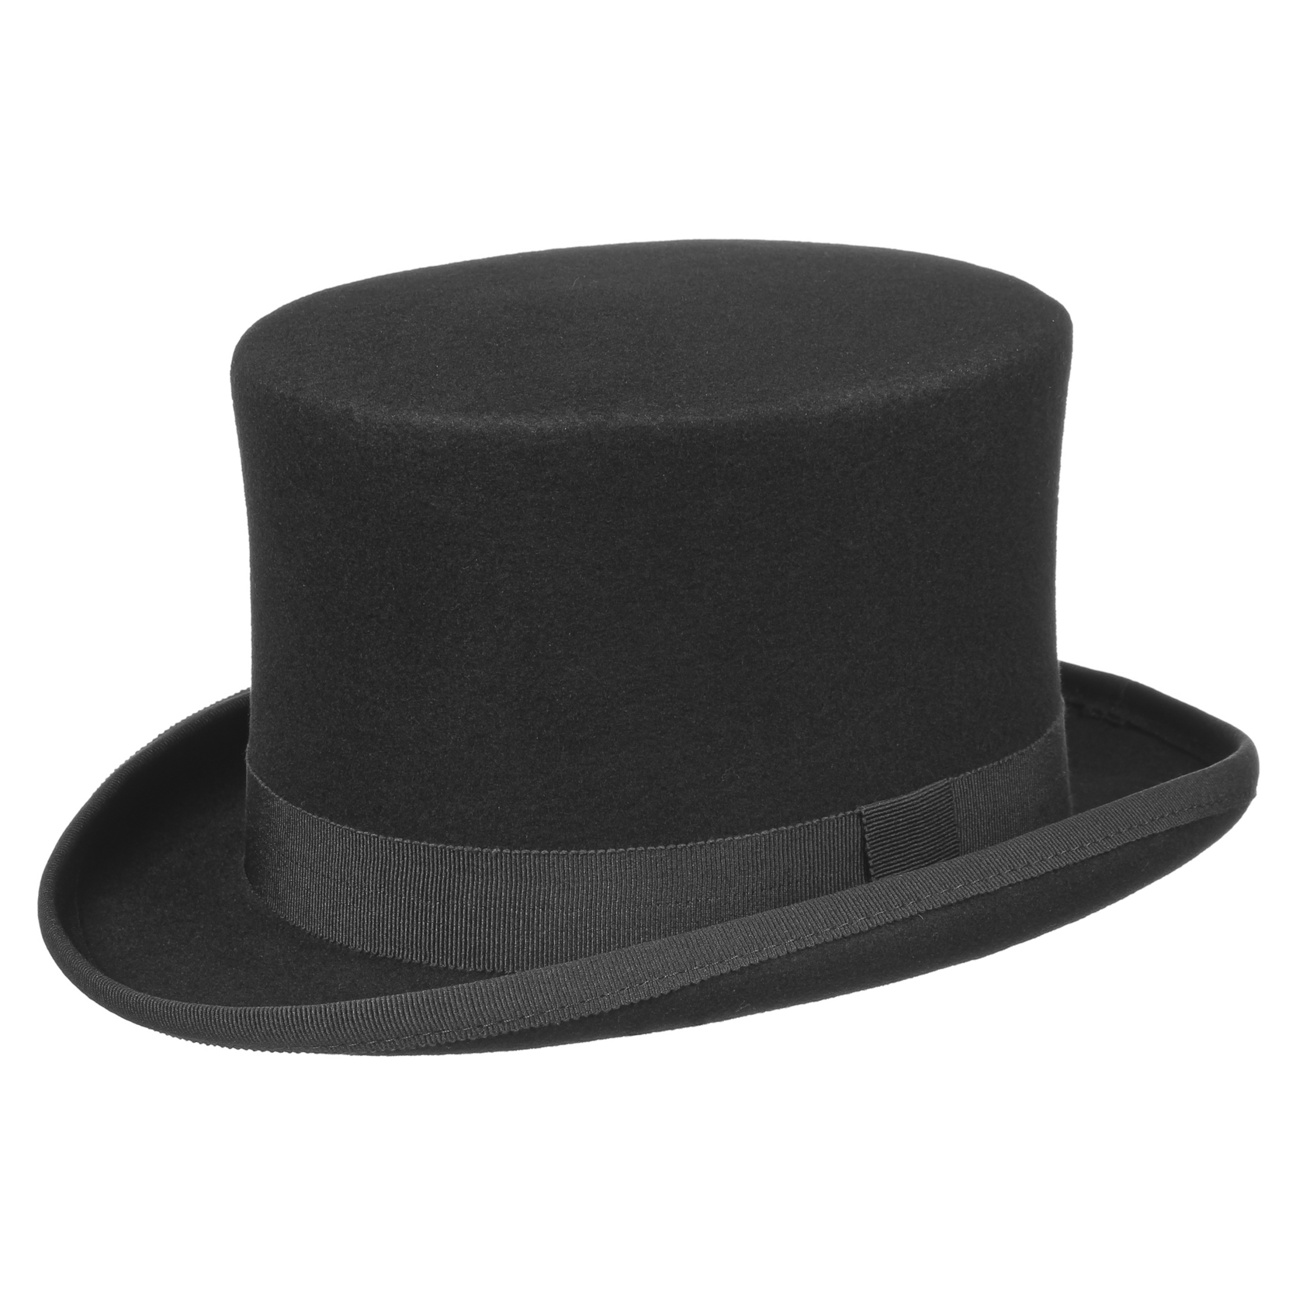 Sombrero de Copa Fieltro de Lana by Lierys - Sombreros - sombreroshop.es df1da15636c